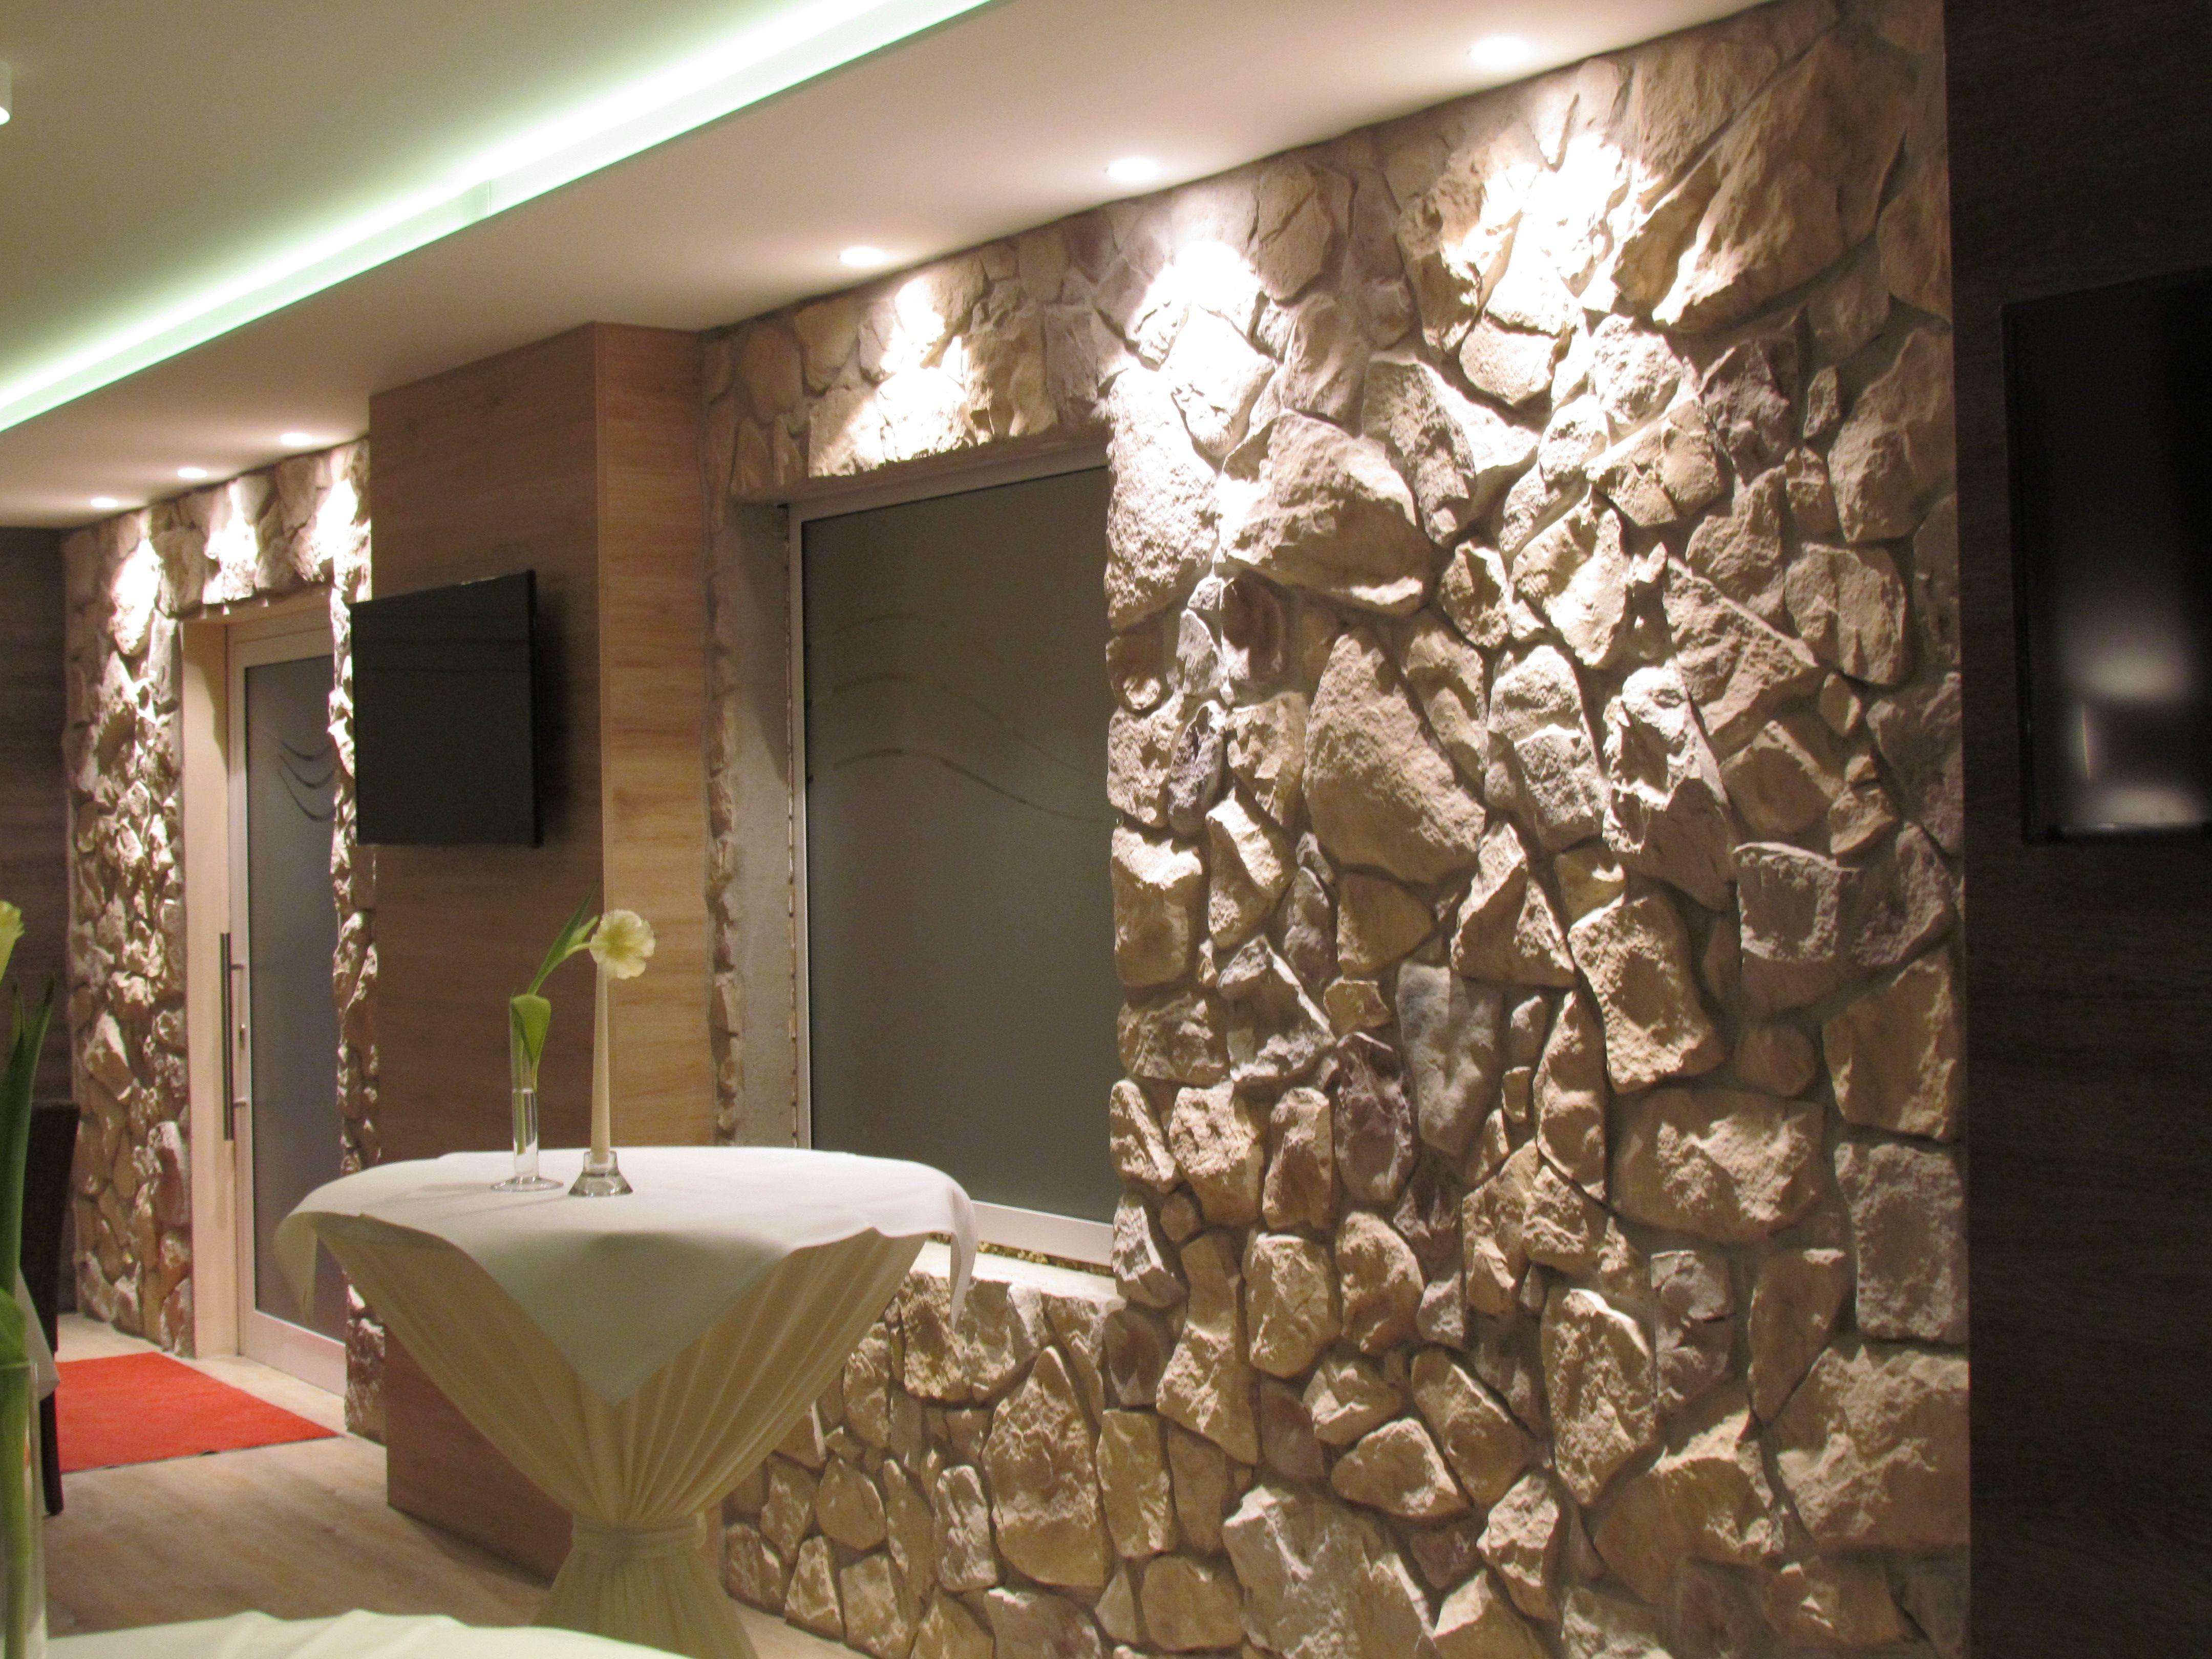 Styropor Wandpaneele Perfektionieren Drinnen Steinwand Selber Machen New Wohnzimmer Wandpaneele Steinwand Betten Fur Kleine Raume